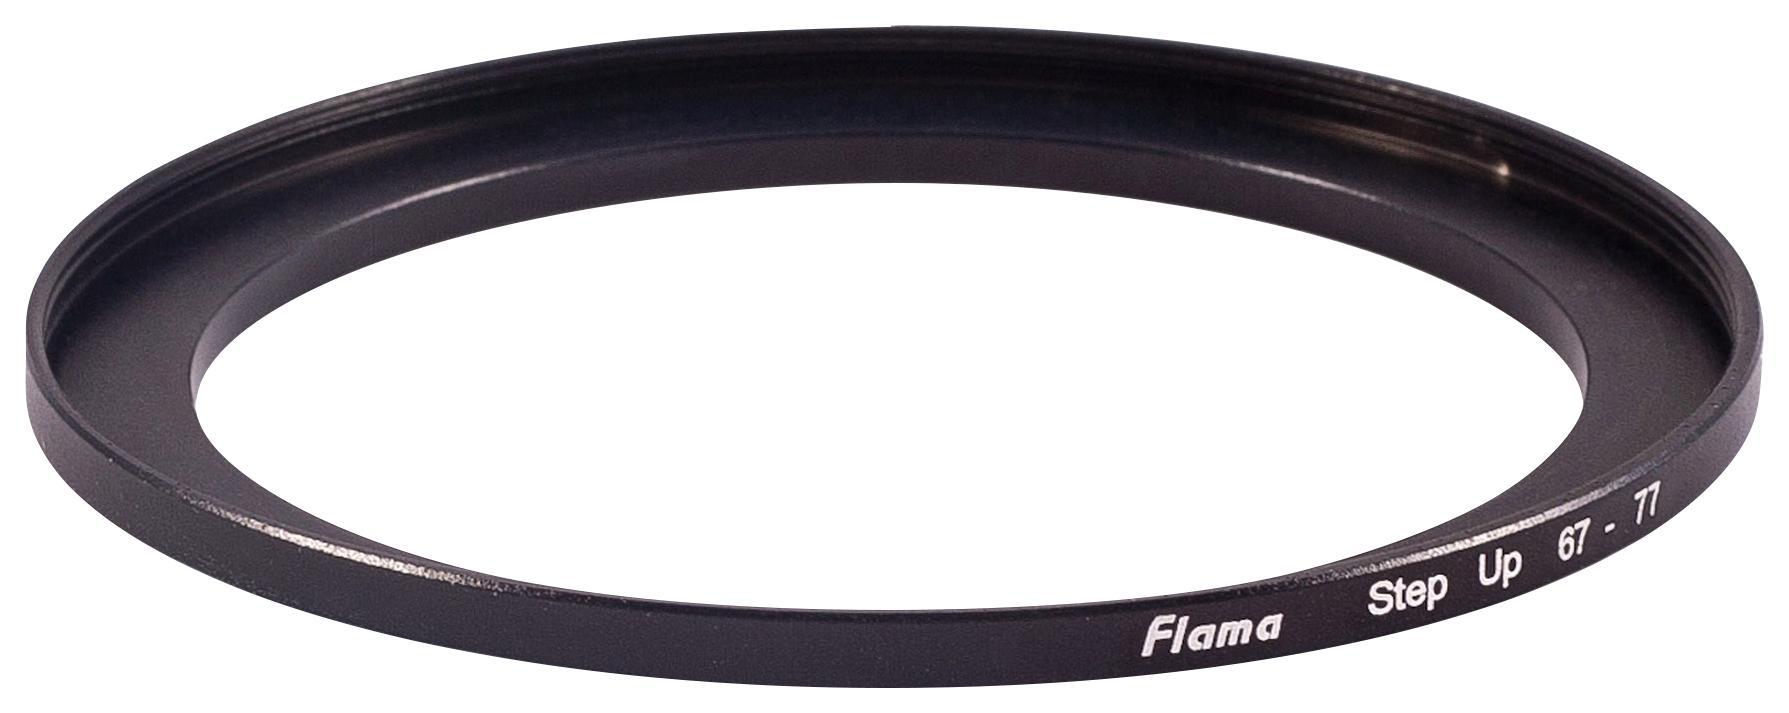 Flama переходное кольцо для фильтра 67-77 mm